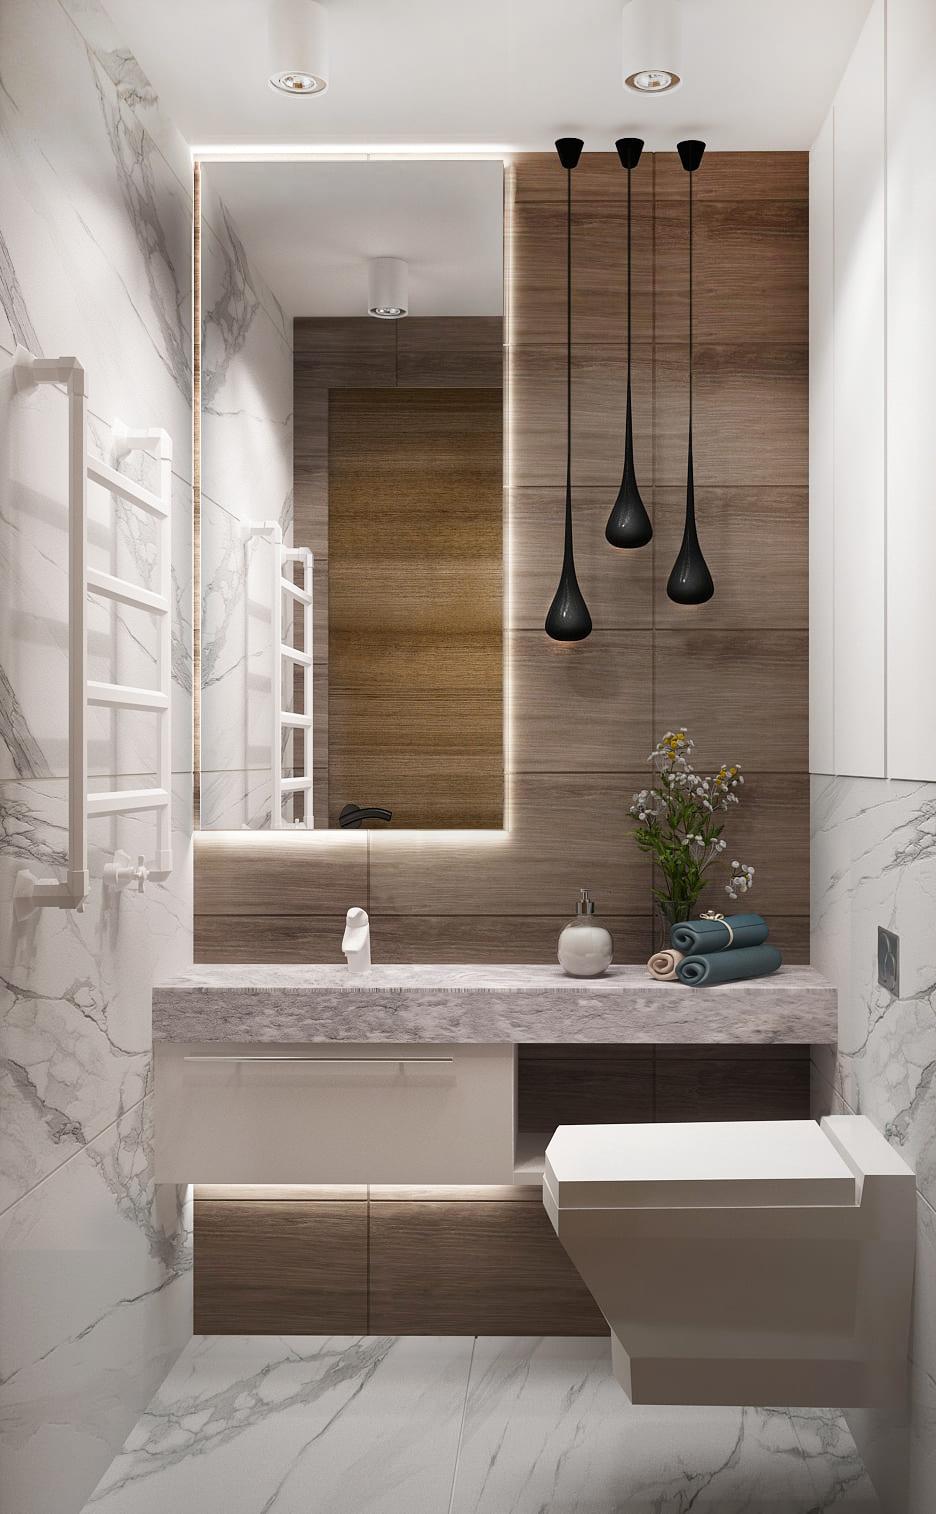 Дизайн-проект санузла 2 кв.м, плитка под мрамор, подвесные светильники, зеркало, полотенцесушитель, керамический гранит под дерево